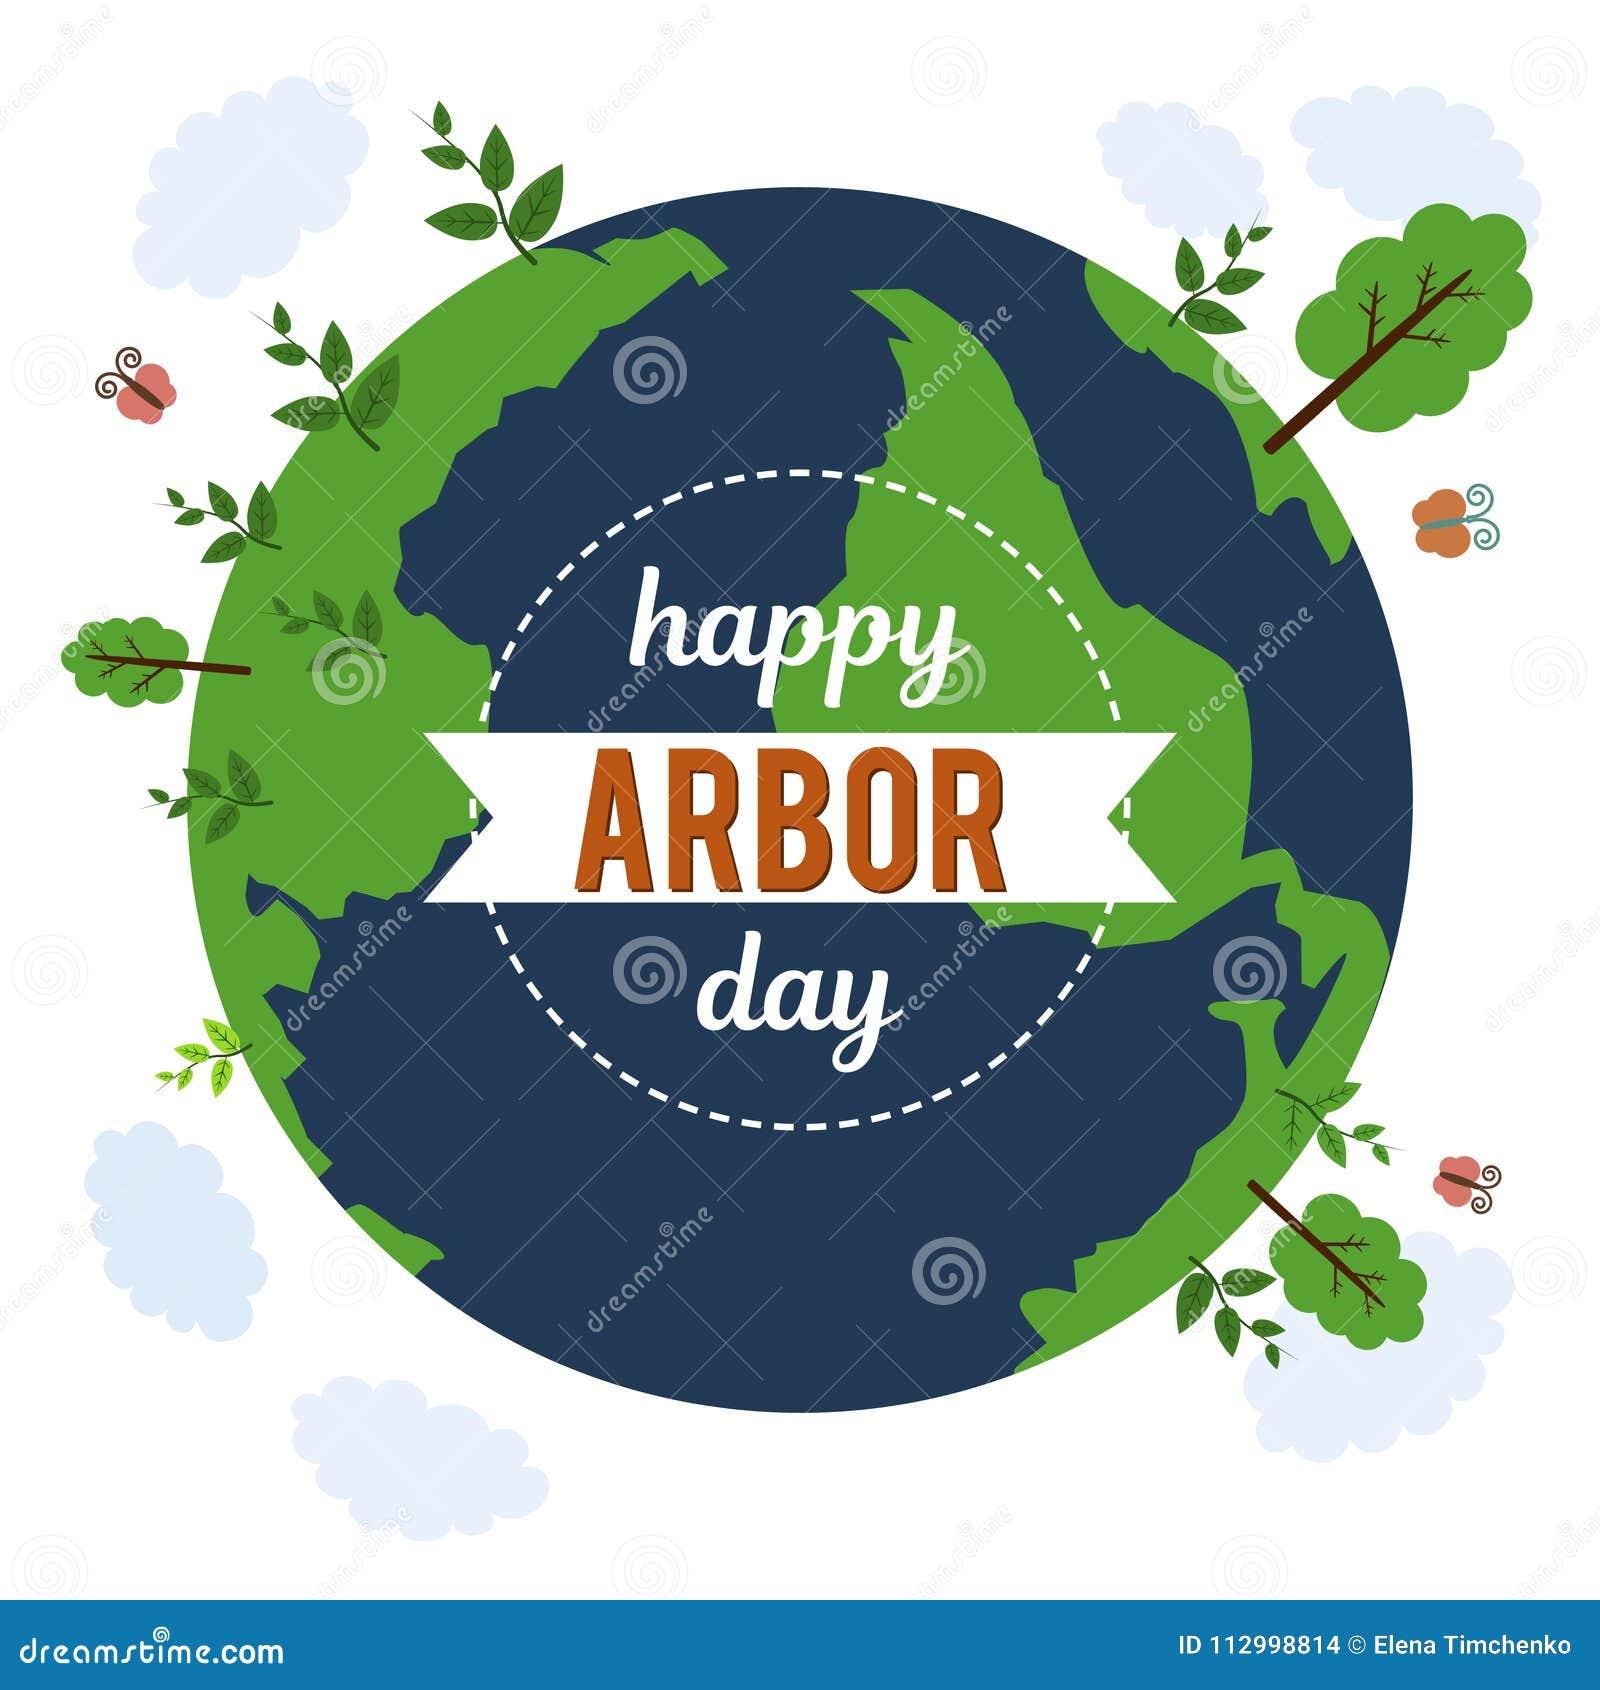 Altana dzień moda meble wysoki Wektorowa ilustracja dla wakacje Symbol drzewnictwo, lasy, rolnictwo przestrzeń